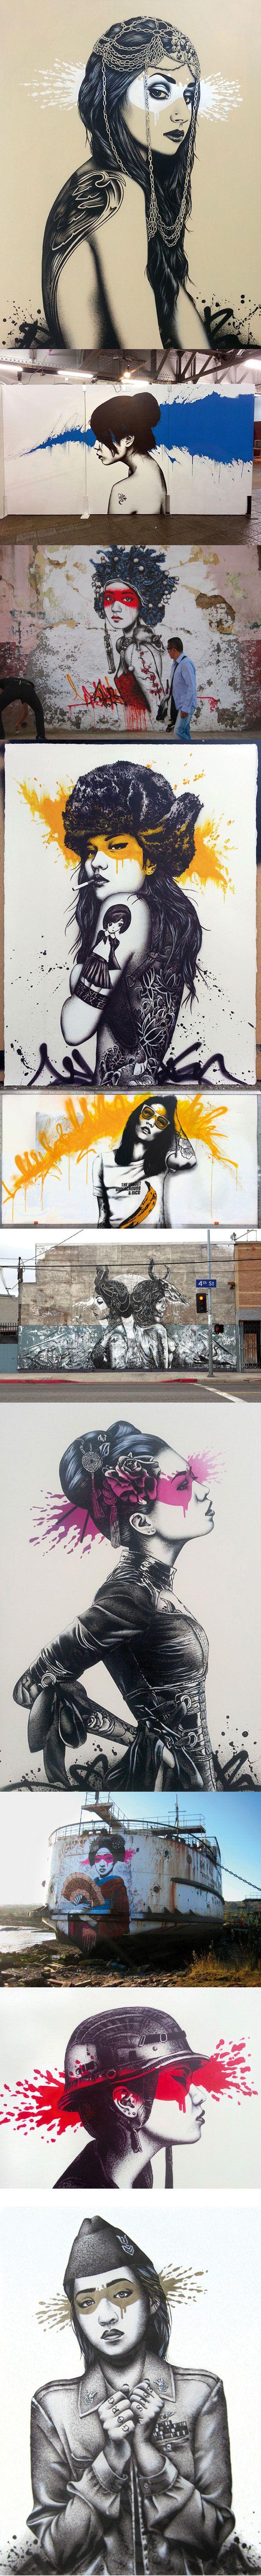 Le street art de Fin DAC est simplement sublime, gros coup de coeur pour les travaux de cet artiste qui asperge aussi son talent sur des toiles.